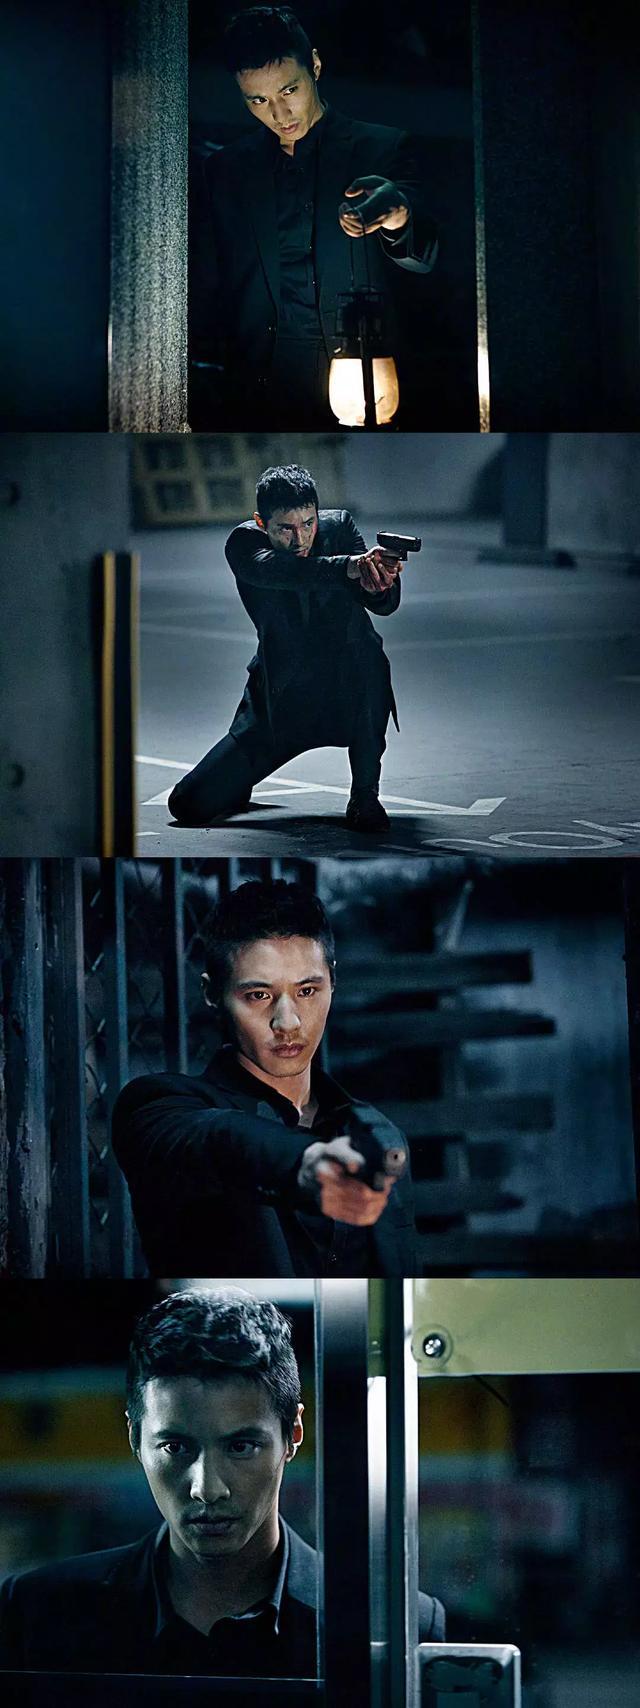 元斌在这部电影里真是神仙颜值和身材啊!